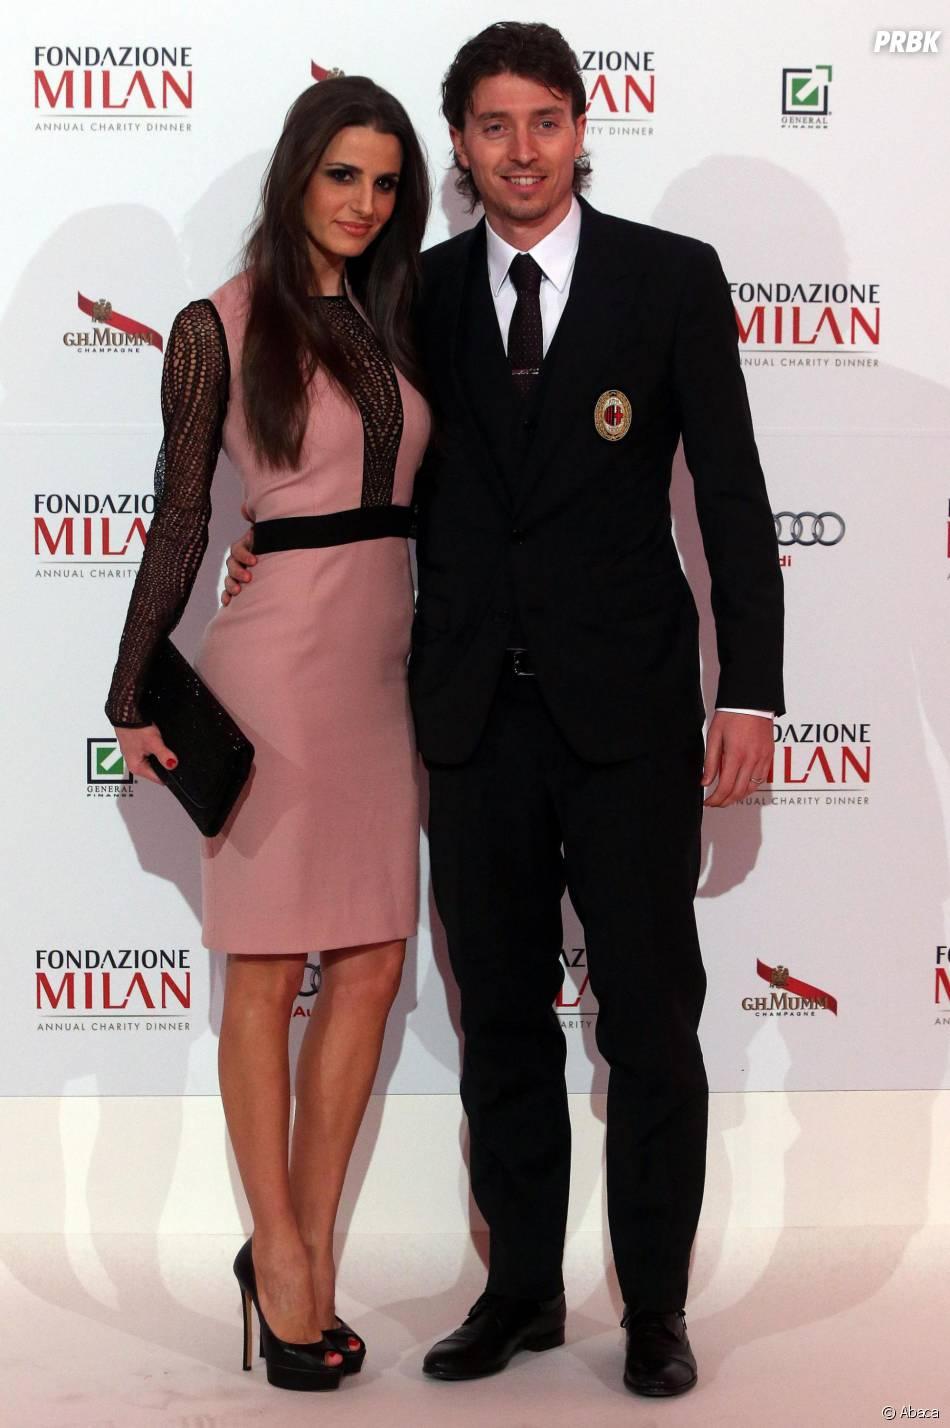 Les joueurs du Milan AC lors du gala annuel de la Fondazione Milan ce mardi 10 mars